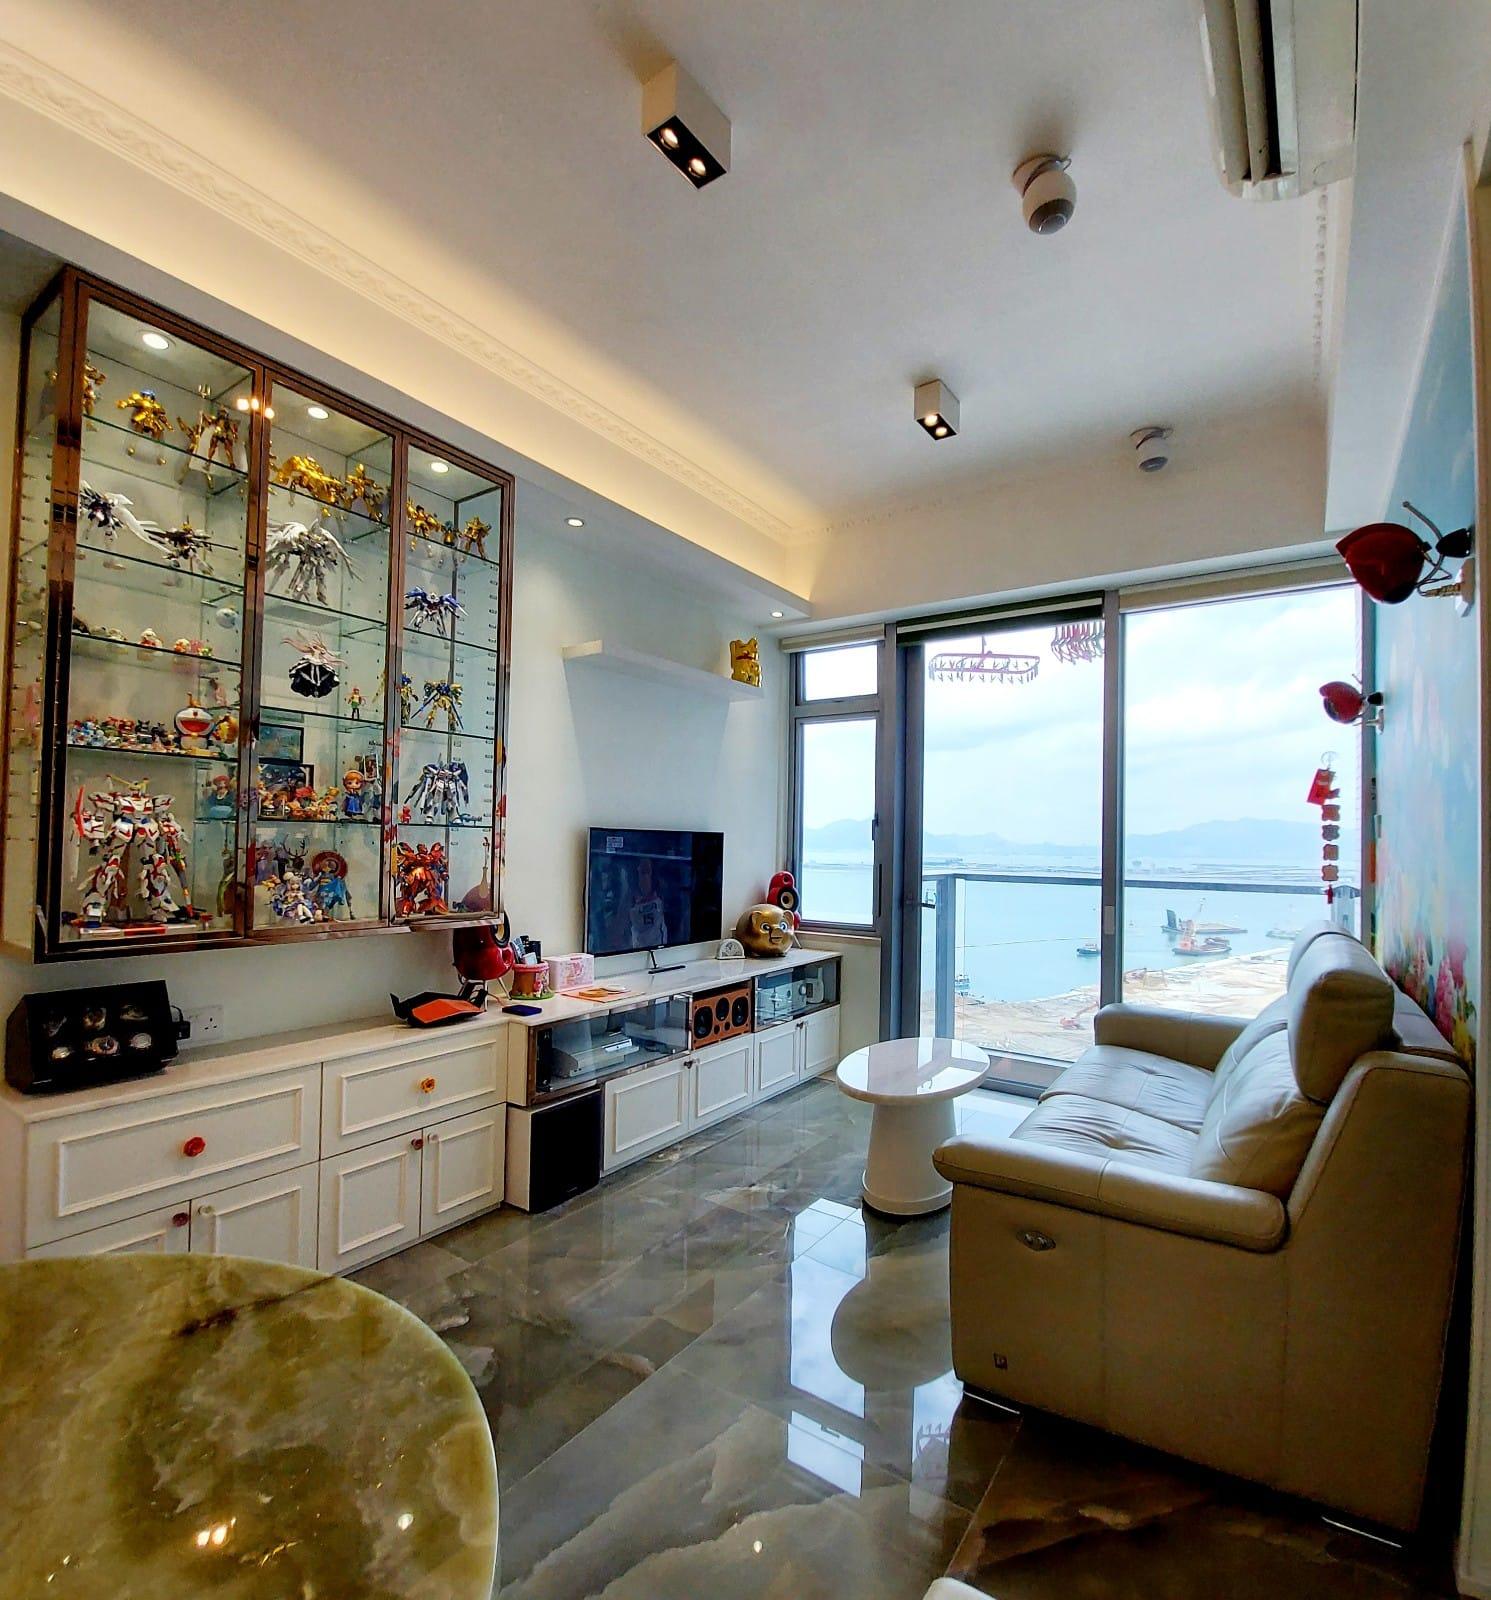 東環 高層海景3房 間隔實用 新淨抵買